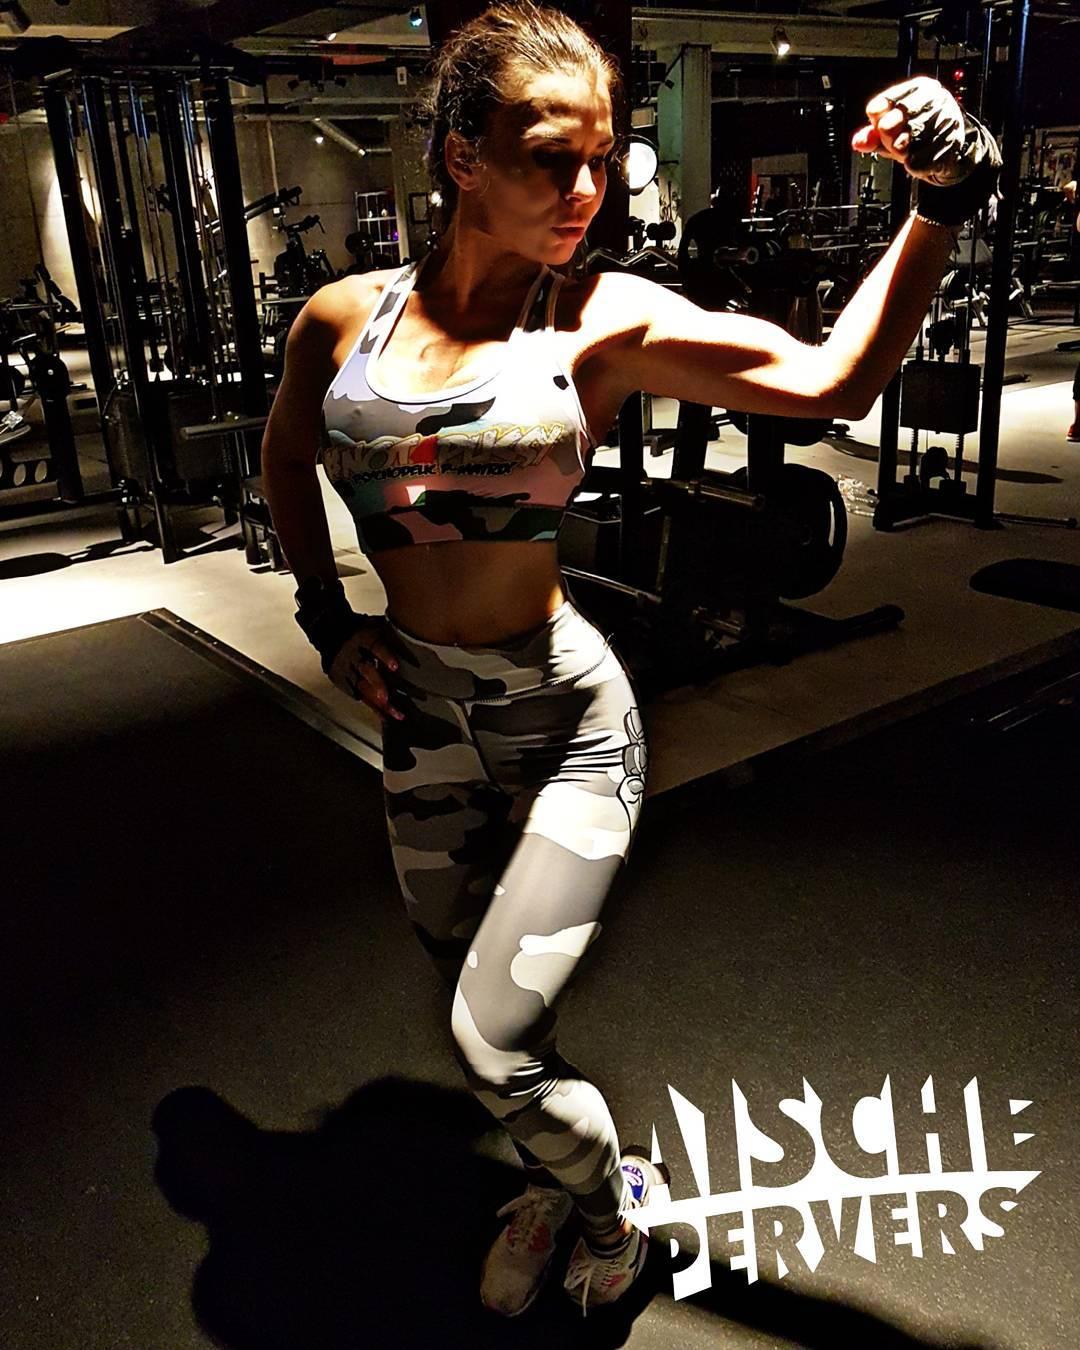 Ich verstehe einfach nicht, wie manche Mädels nach dem Workout aussehen wie frisch aus dem Beautysalon💄Ich seh aus wie Golum👹….aber weiss wenigstens, dass ich alles gegeben habe💪 #gym #gymfreak #fit #fitness #fitfam #instafit #fitnessmodel #mcfit #johnreed #workout #pain #strong #biceps #curvygirl #curvy #gains #airmax #instagood #legs #model #germangirl #leggings outfit: @bps_pharma